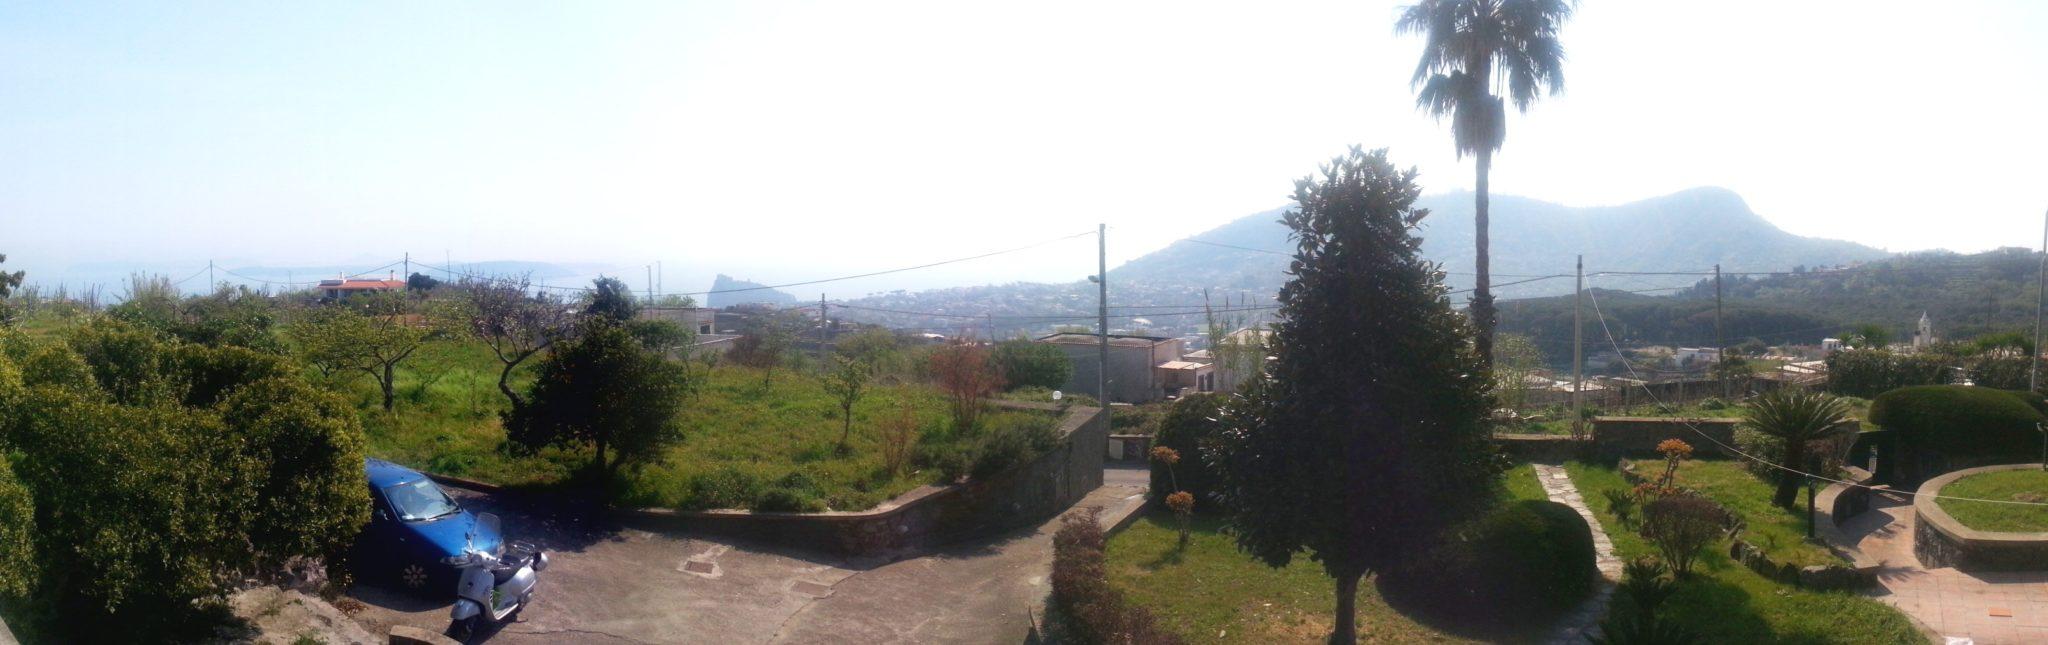 02 Panoramica Villa Contessa